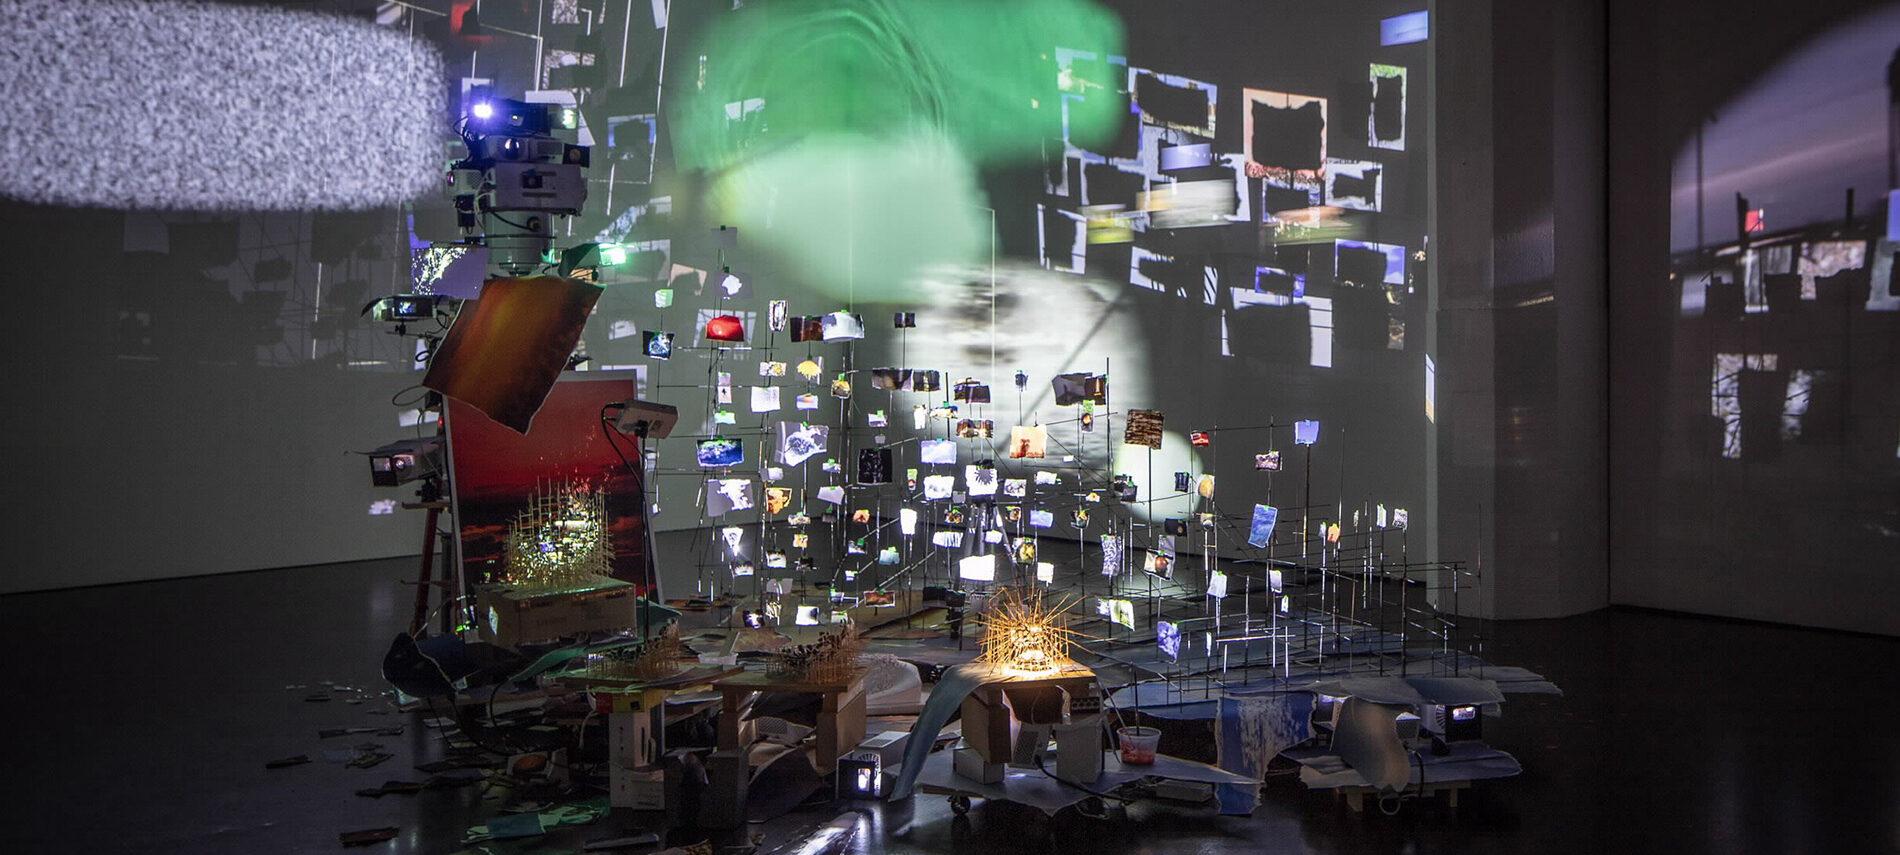 Bild einer Kunstinstallation in der Ausstellung Critical Zones mit Fotos und Licht